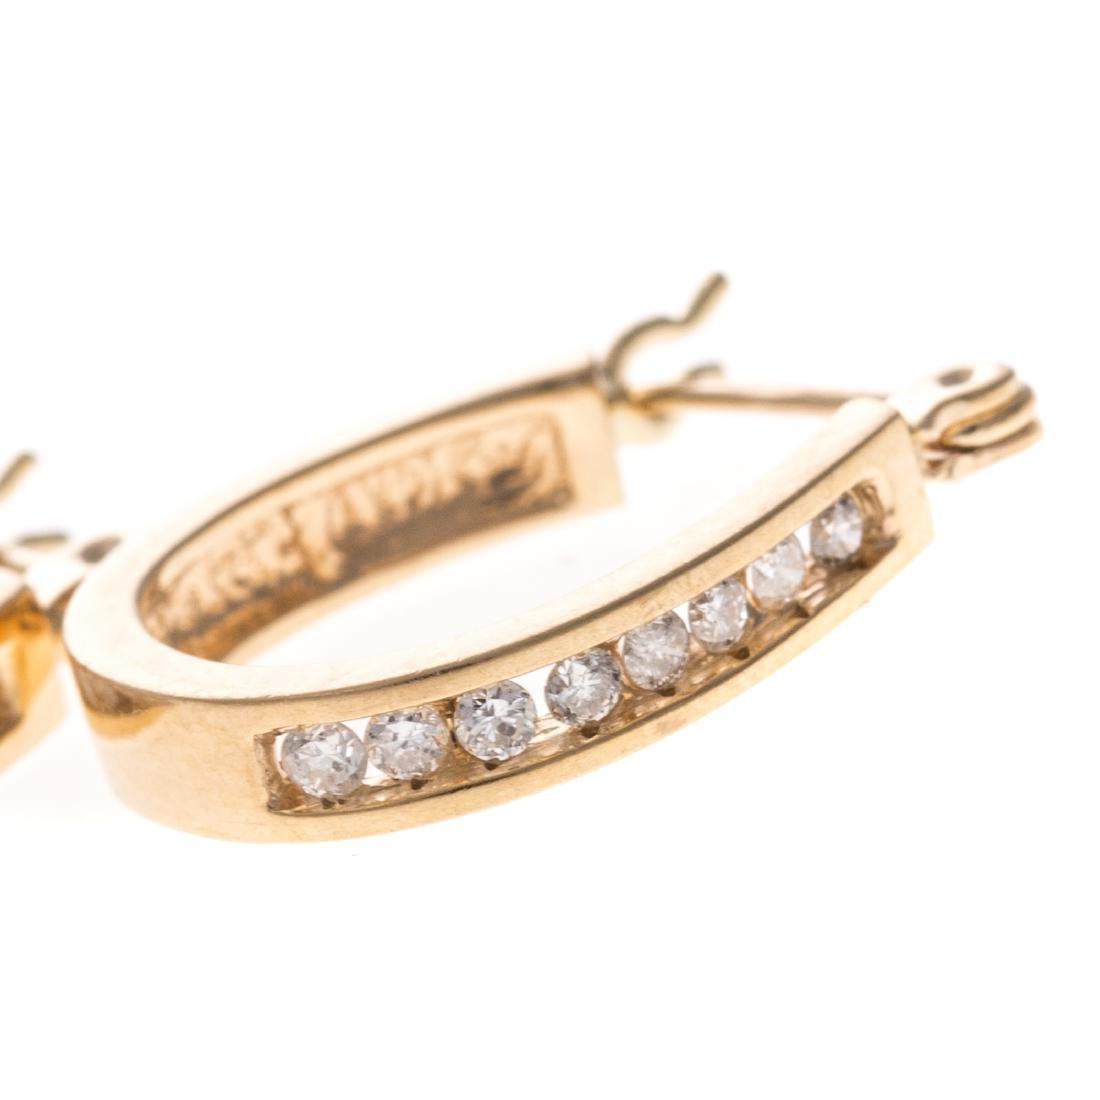 Two Pairs of Lady's 14K Hoop Earrings - 3